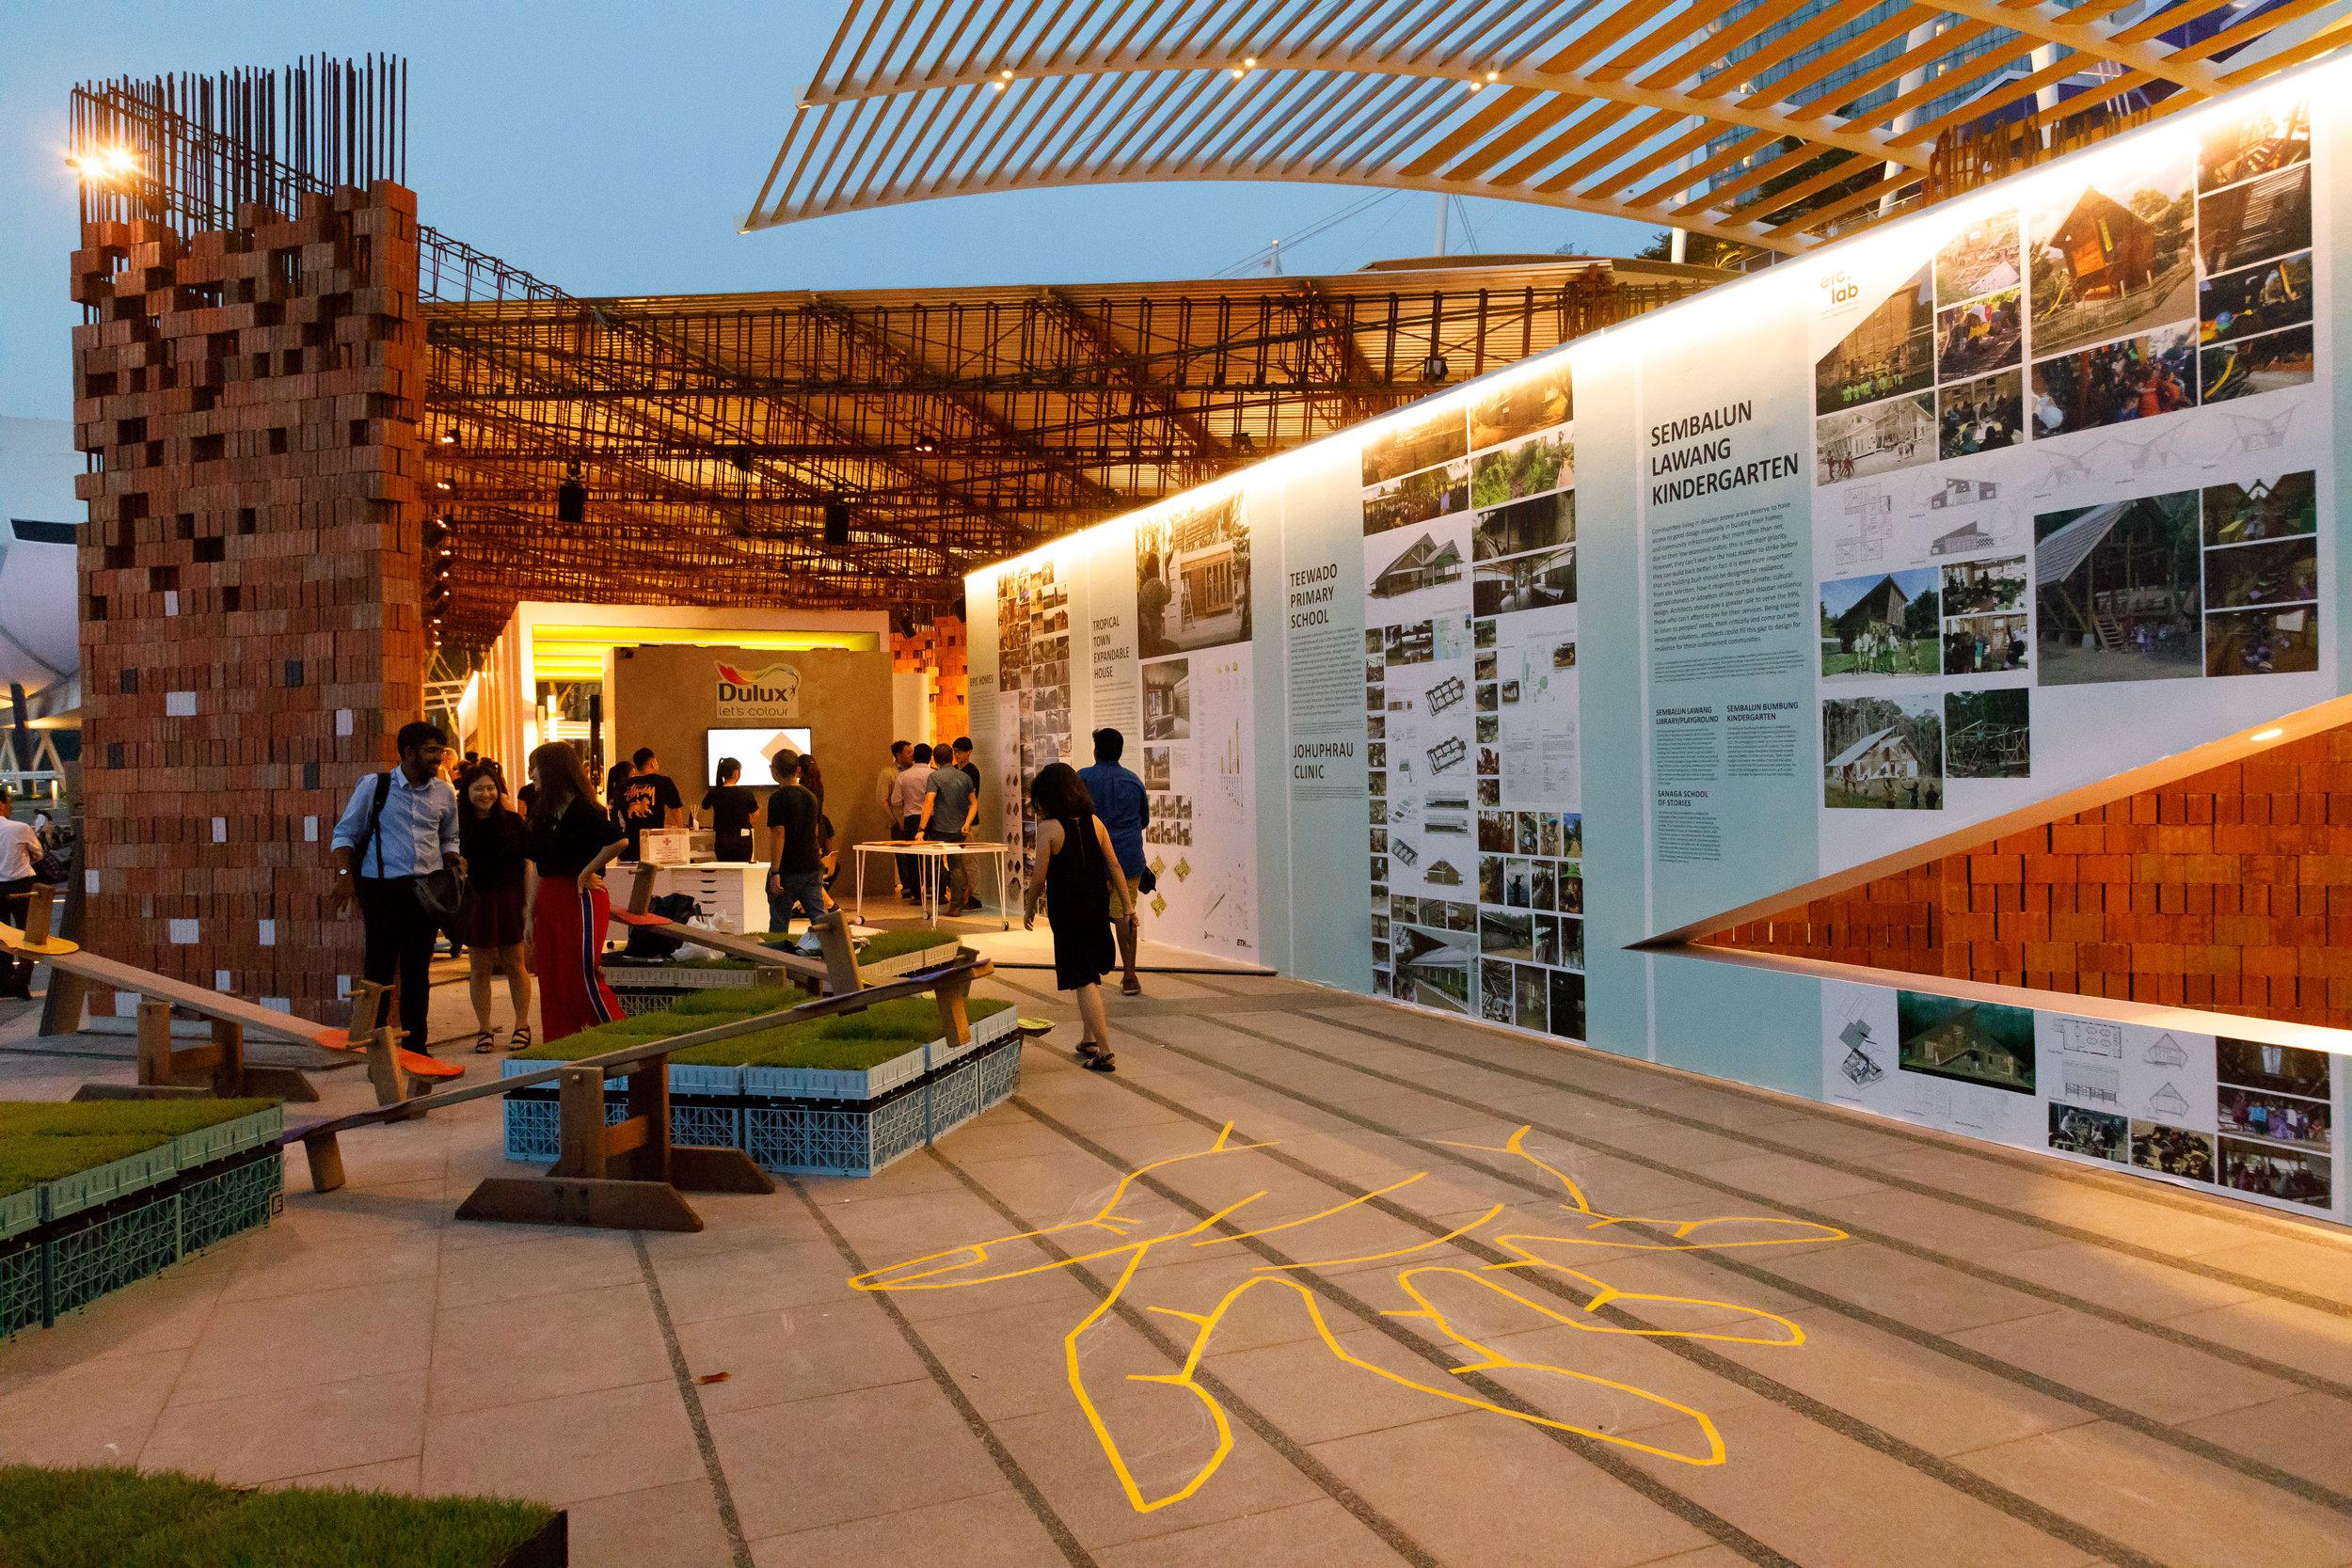 The Festival pavilion